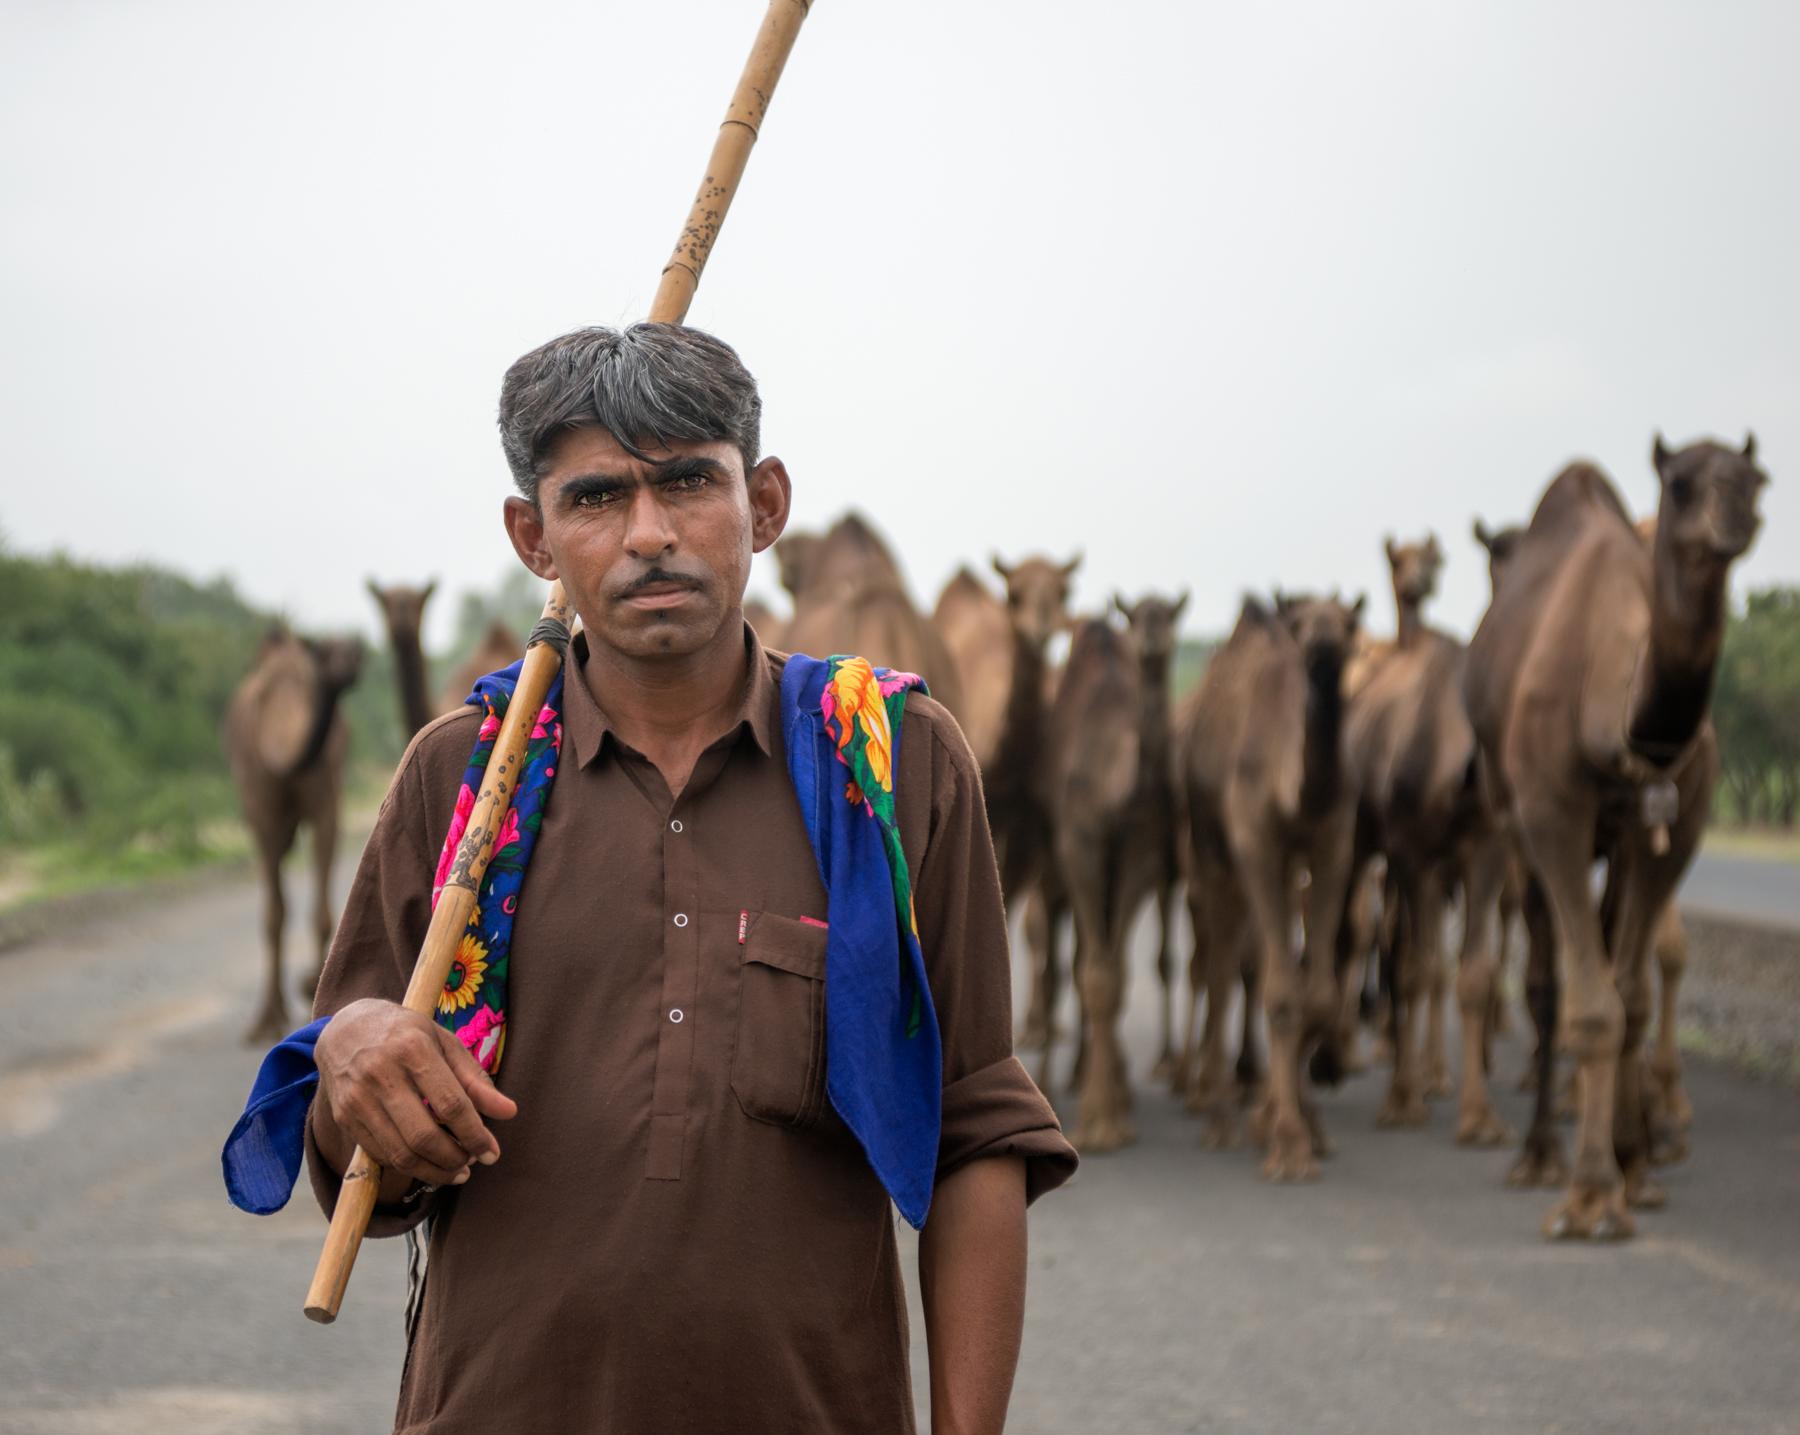 camelSheperd.jpg